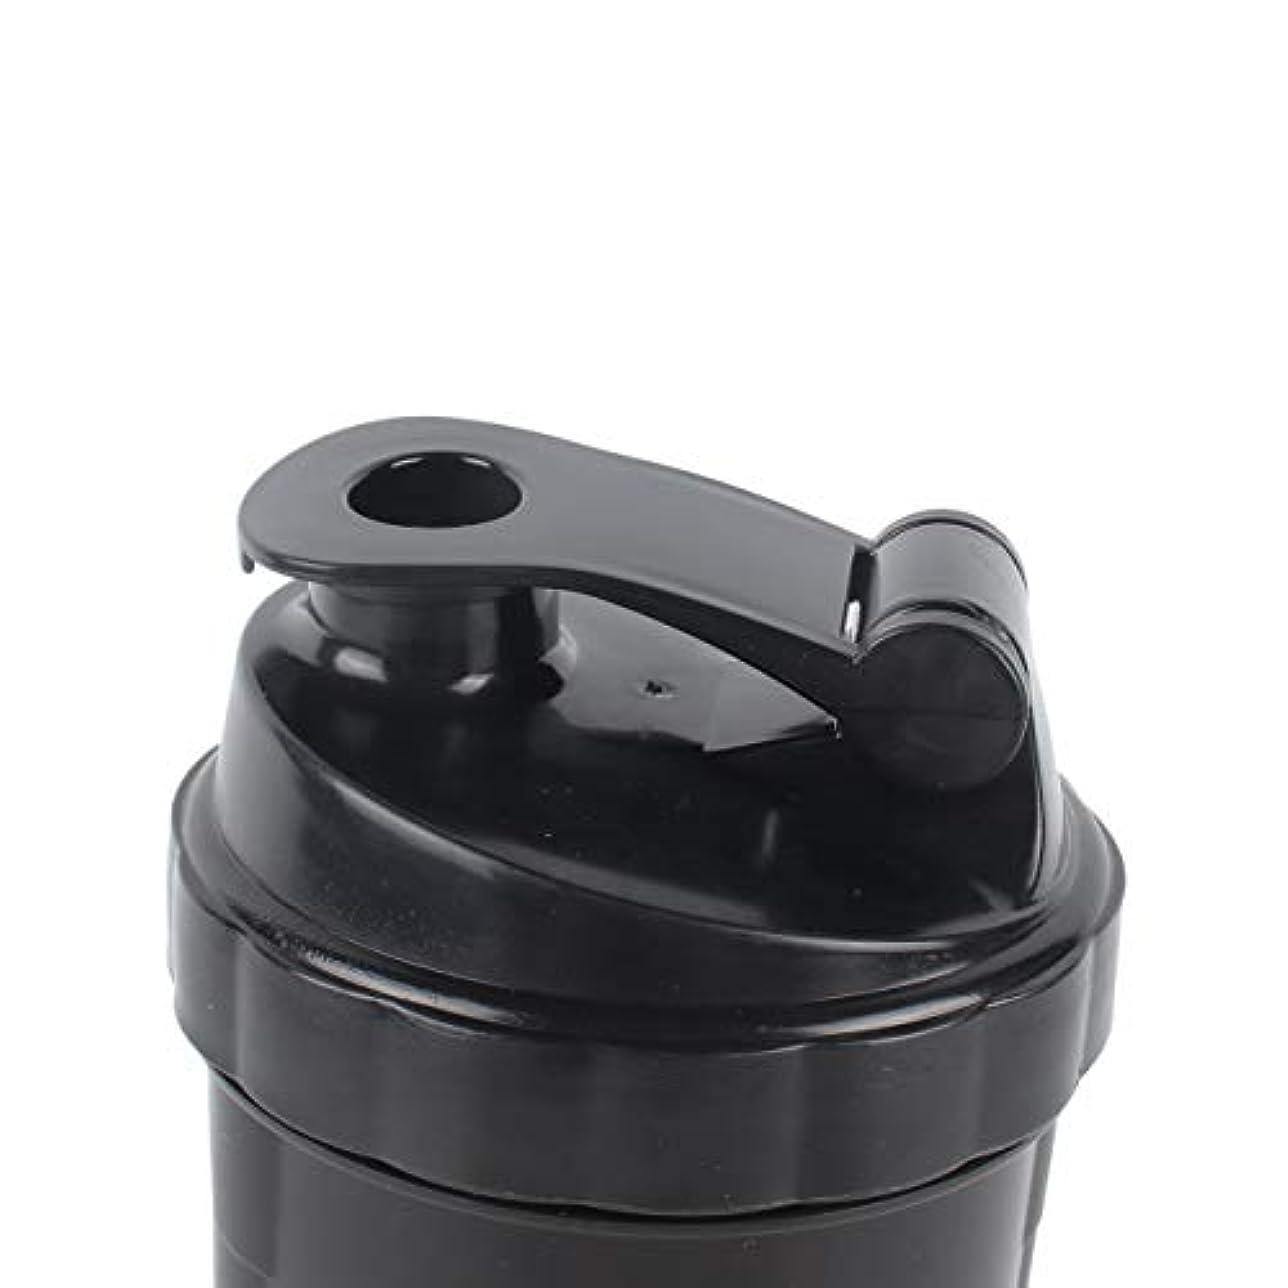 つなぐ標高少しDeeploveUU ポータブルジムプロテインシェーカーミキサーボトルポータブルスポーツランニングジョギング泡立て器ボールシェーカーボトル